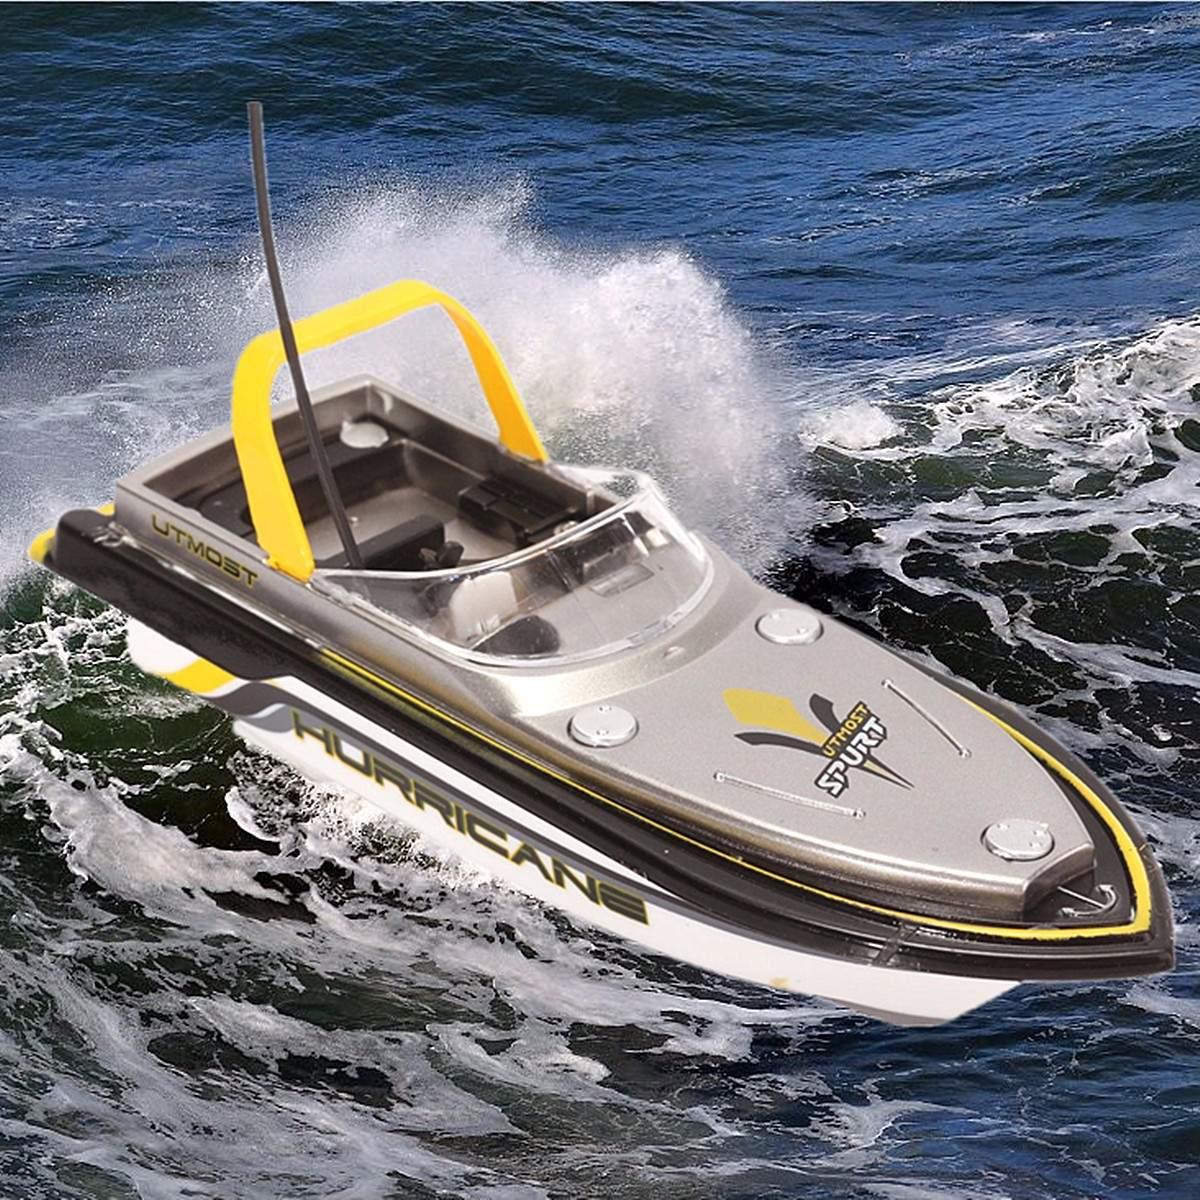 Электрический радиоуправляемый Радиоуправляемый пульт 40 МГц, Супер Мини скоростная лодка, двойной мотор, детская игрушка, быстрая зарядка, подарок для мальчика, умная частота